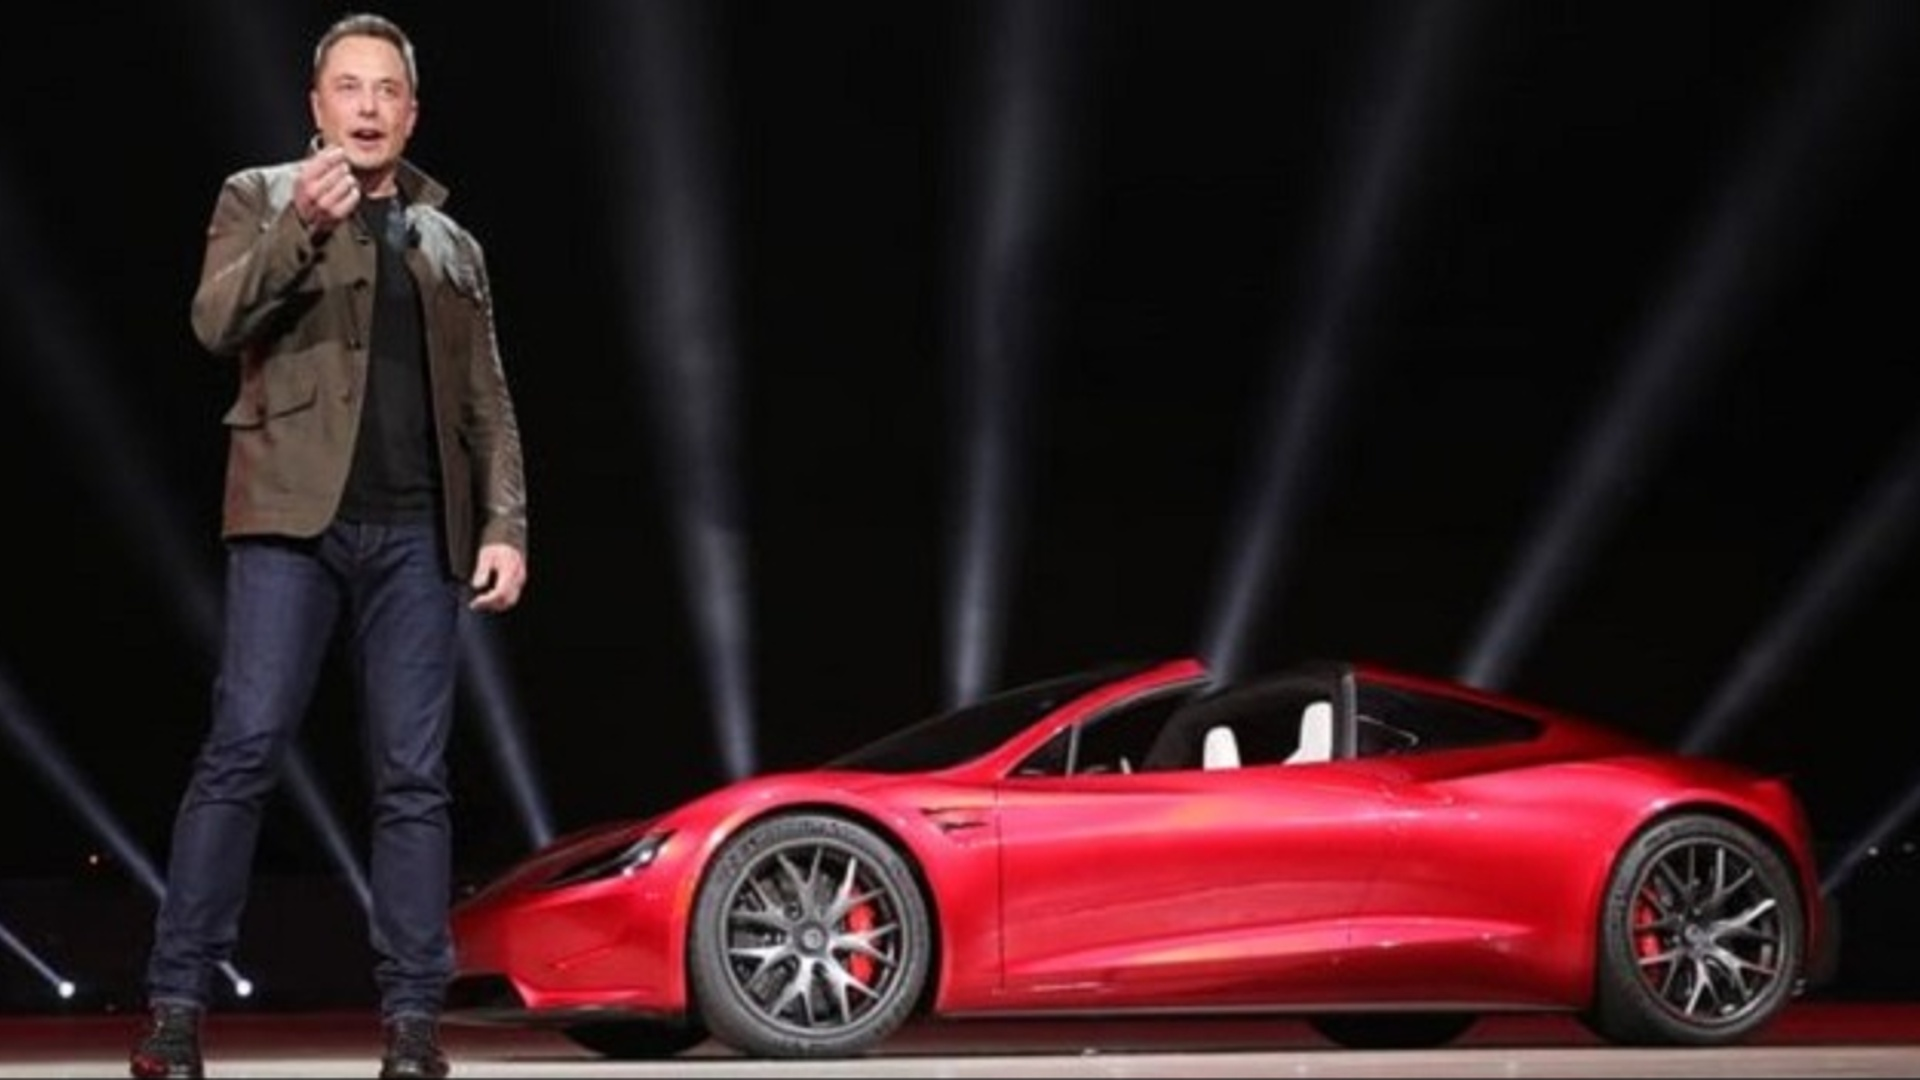 Elon Musk avtomobilini Marsa göndərəcək